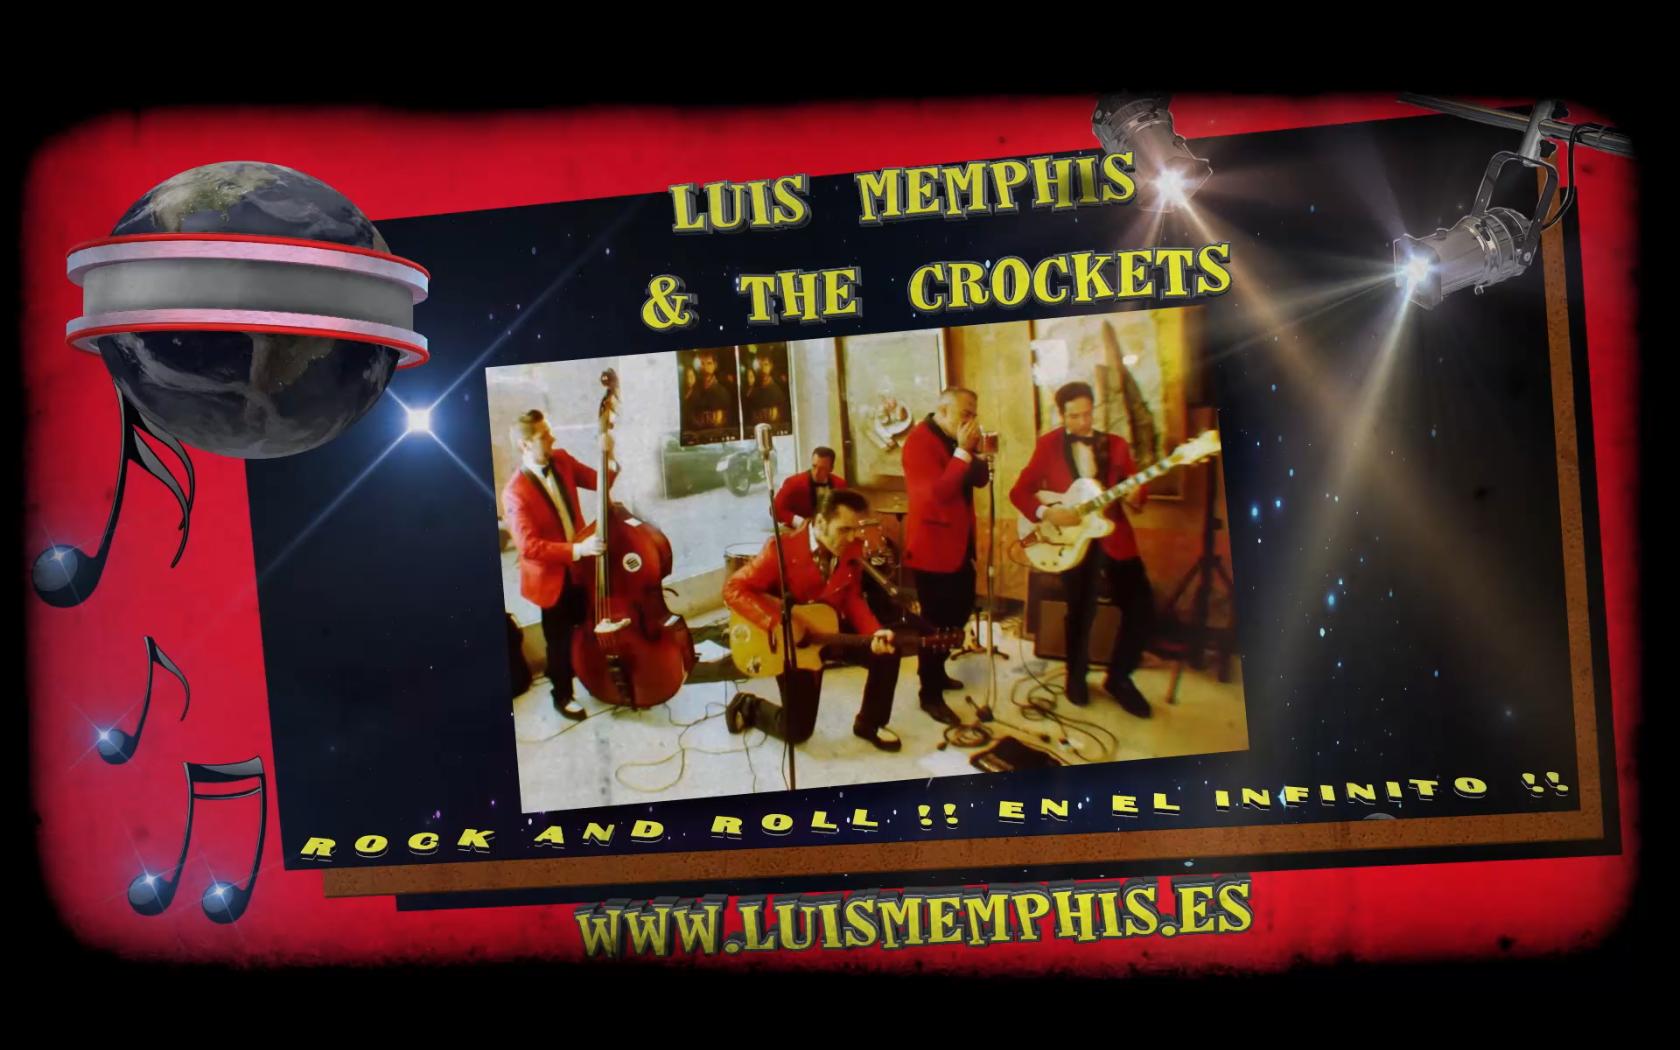 LUIS MEMPHIS & THE CROCKETS